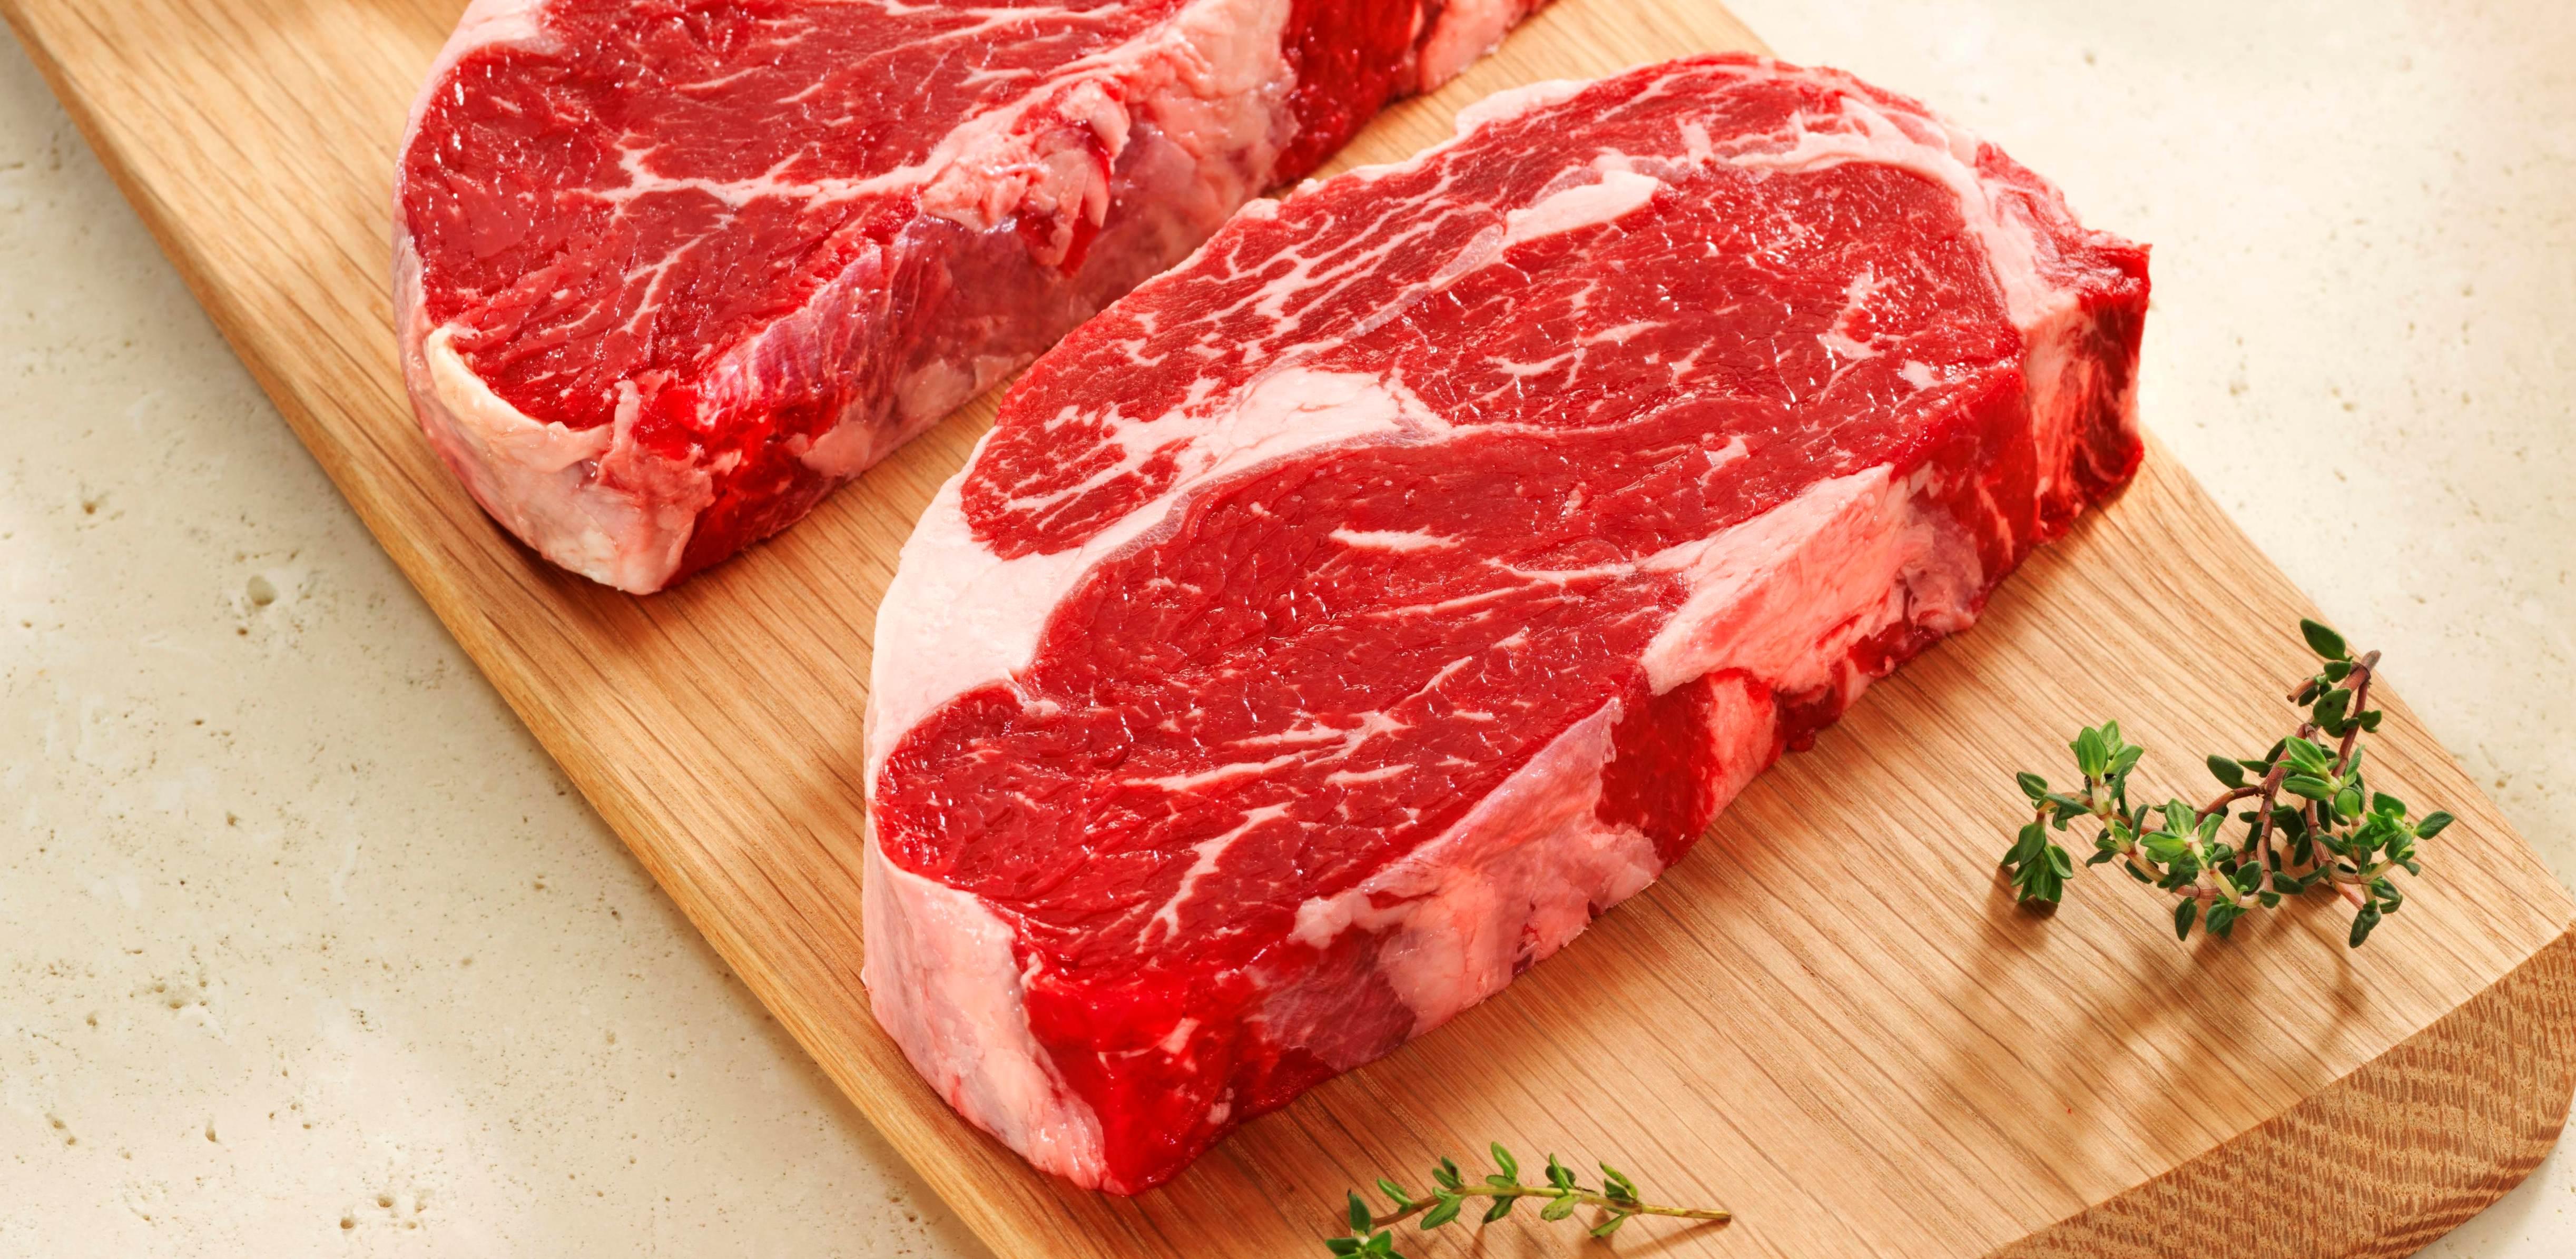 Tỷ lệ mắc bệnh và tử vong do khuẩn salmonella nhiễm trong thịt bò là khá cao